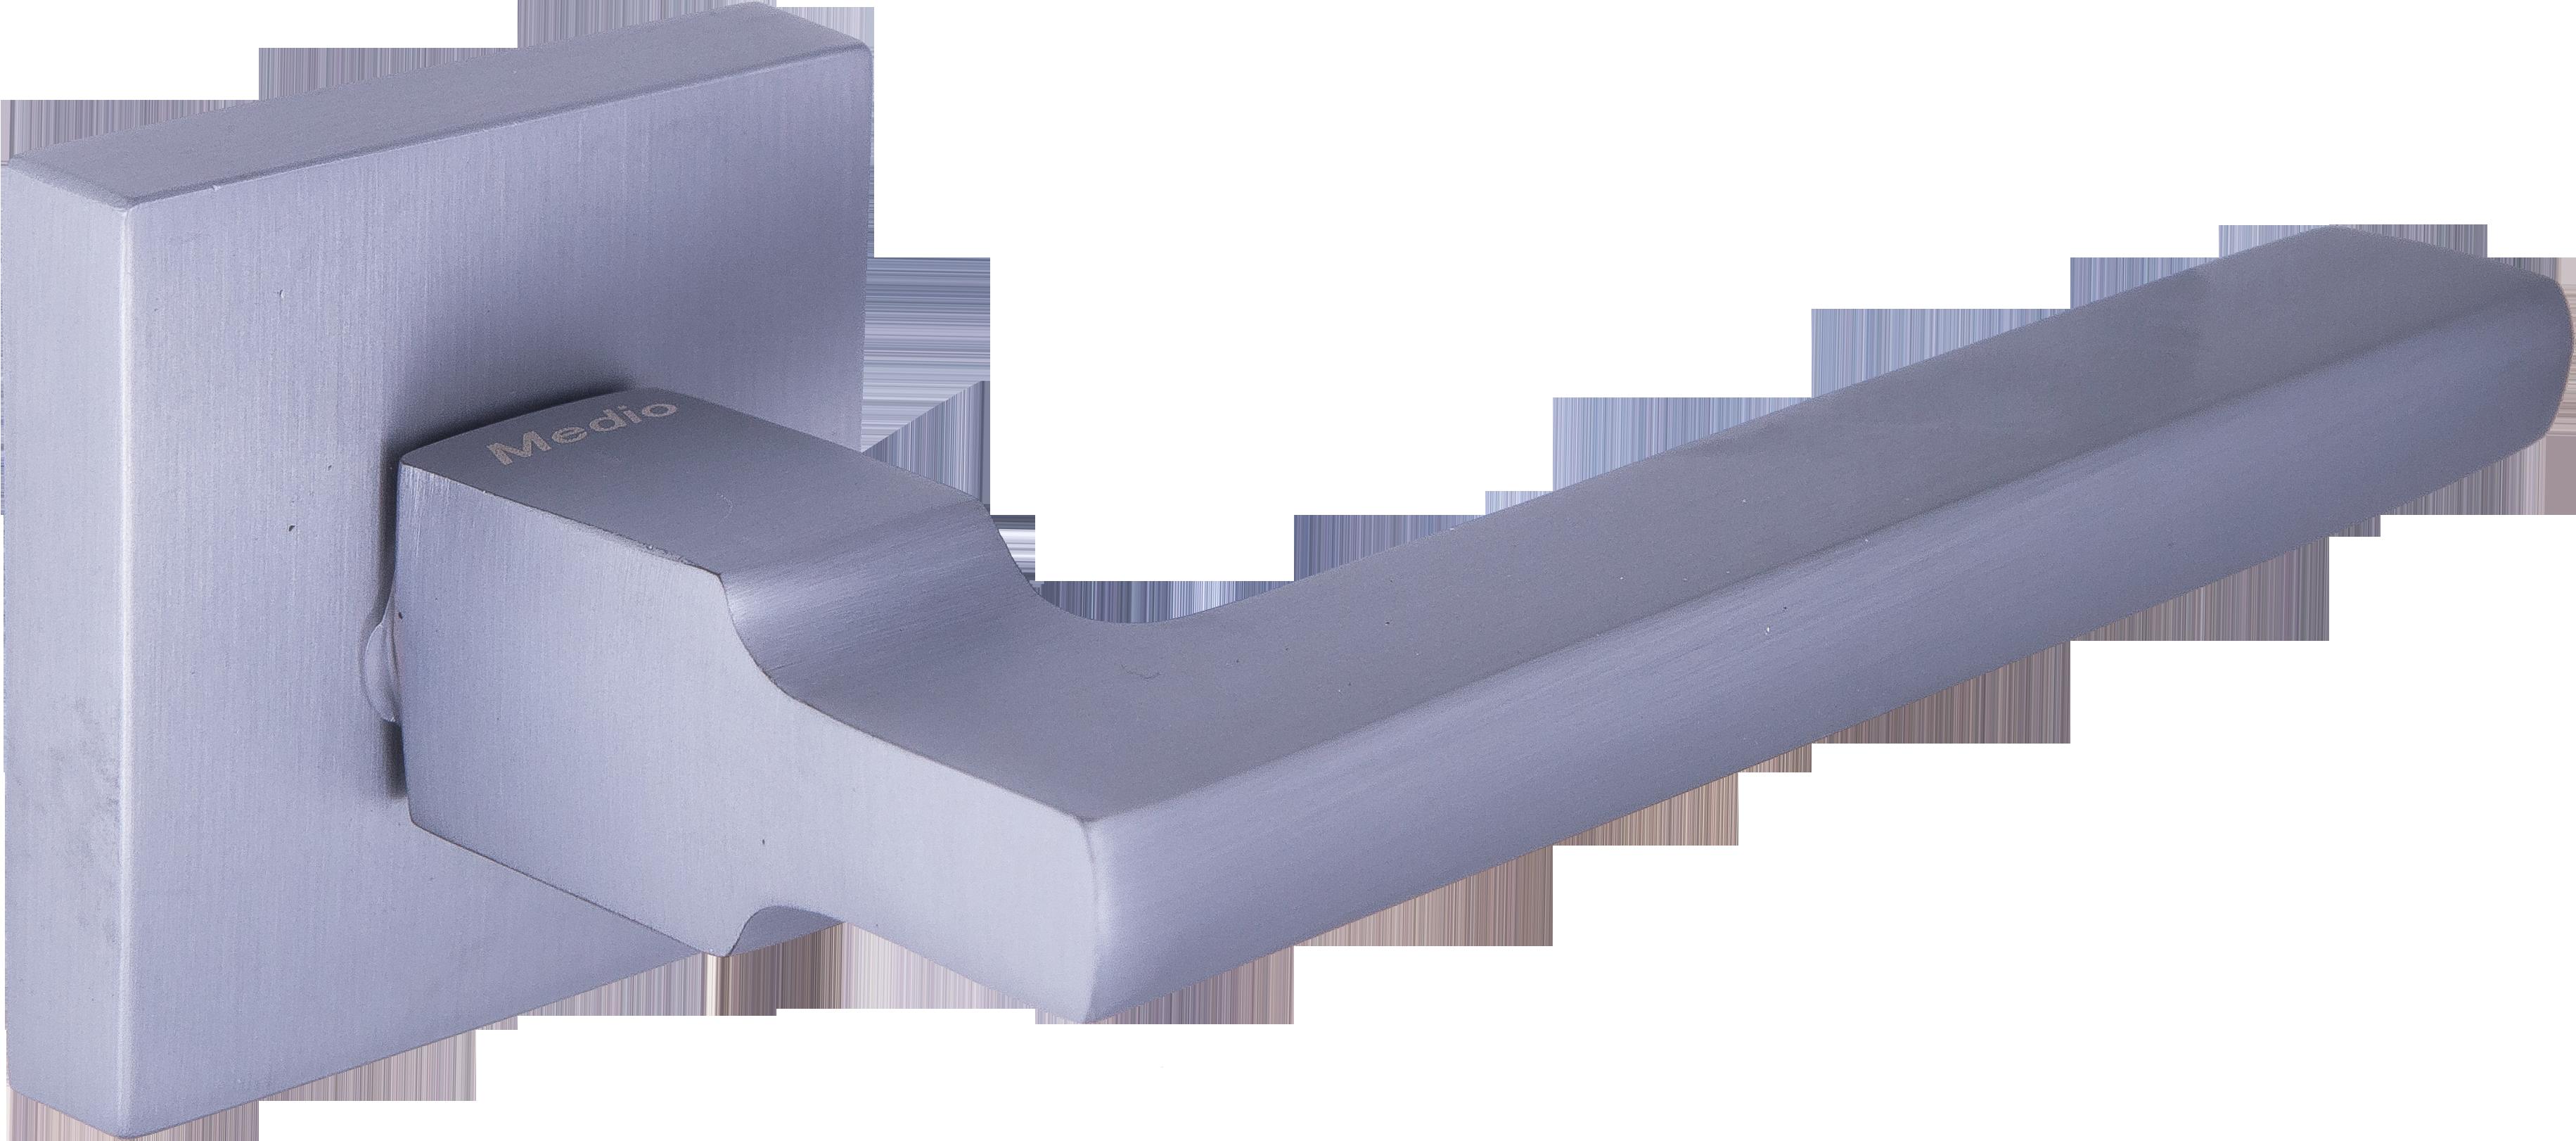 Ручка Медио ML7498-16 MSC мат.хром (20 шт)